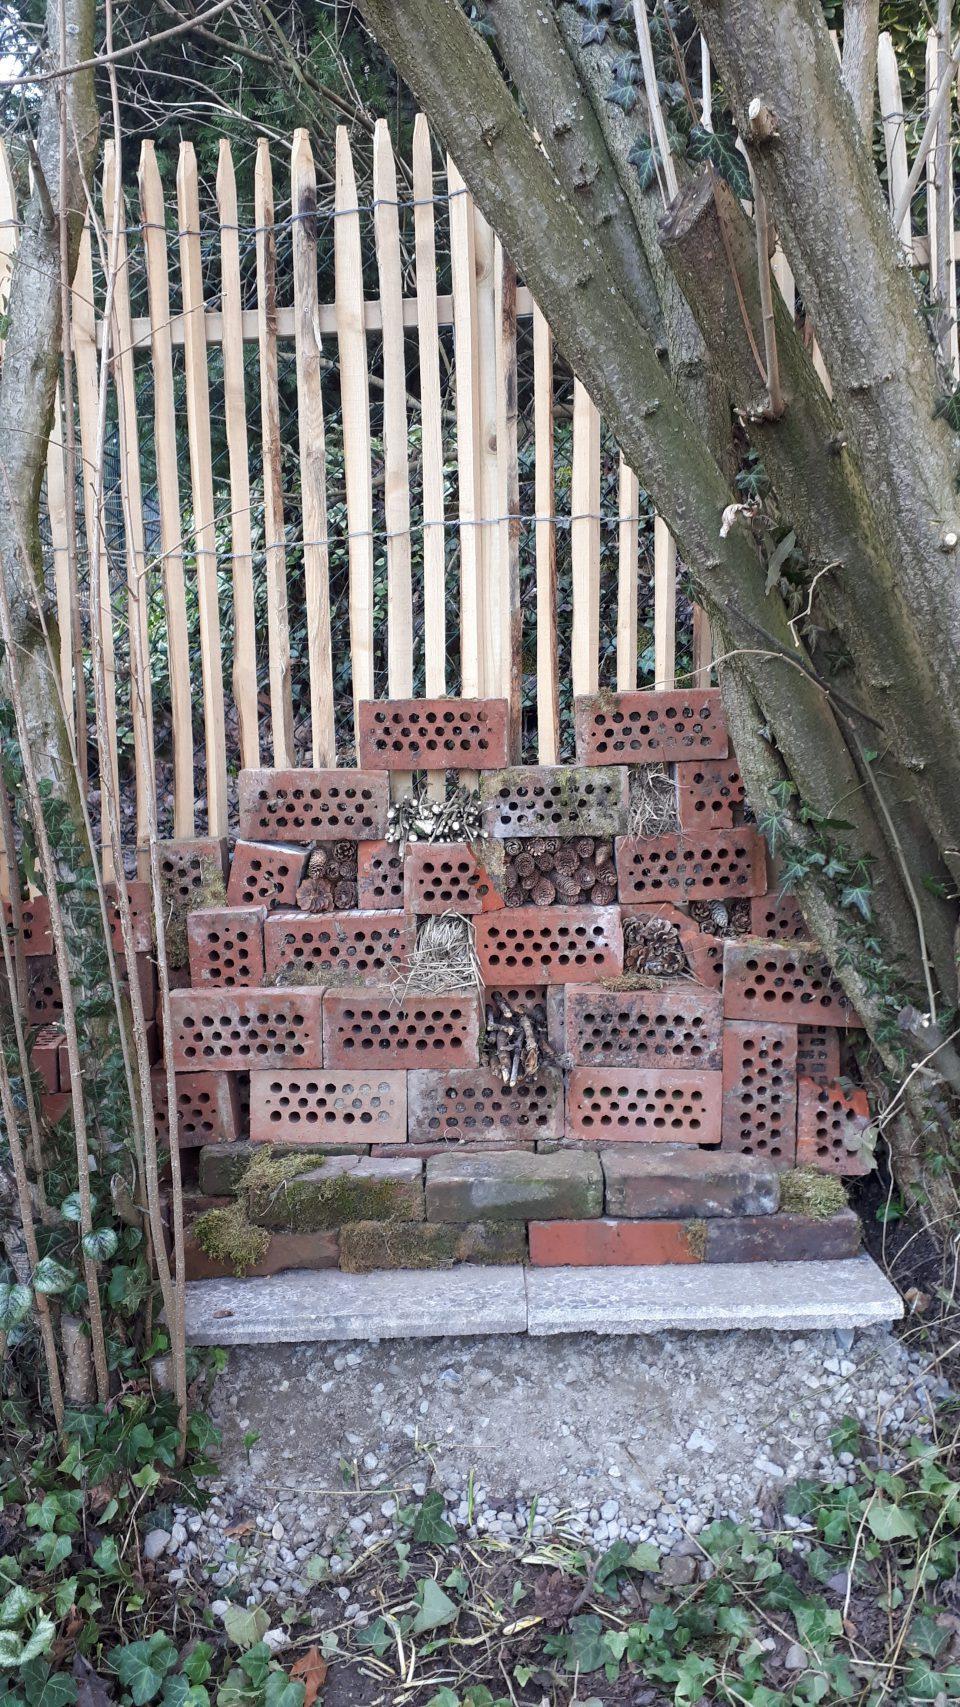 Der erste Versuch des Insektenhotels ist nicht gut geglückt, es musste noch einmal neu gebaut werden.